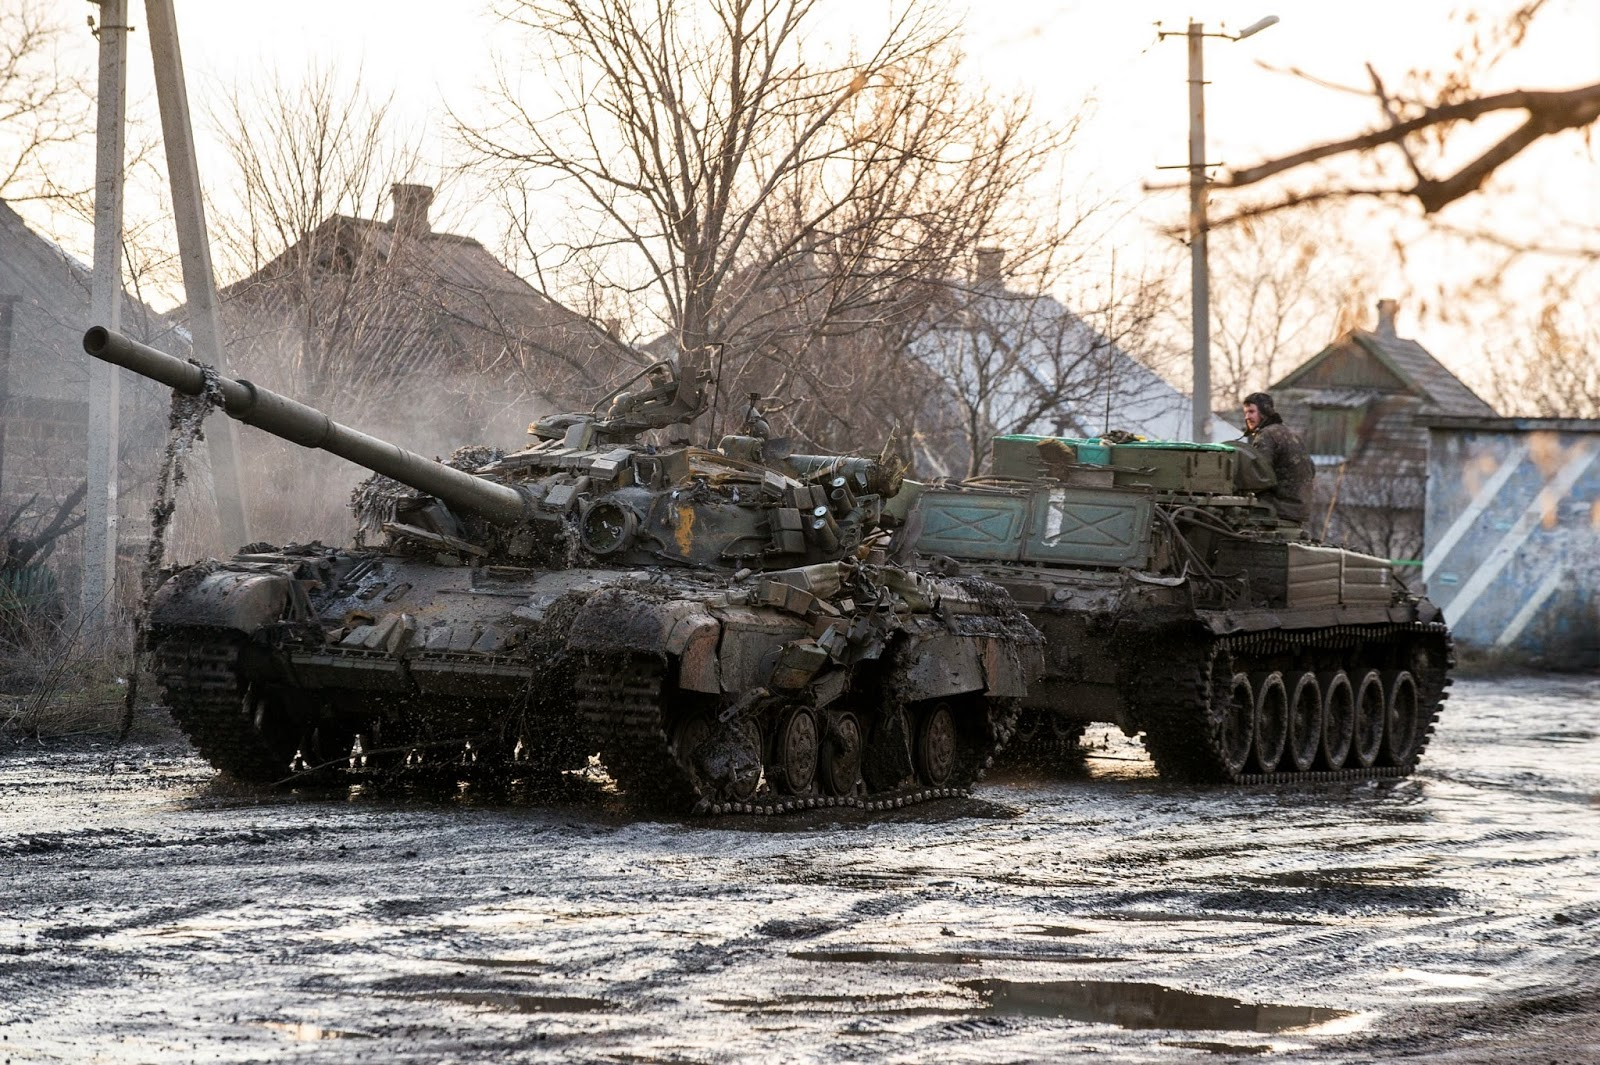 Sobre los T-64 y su desempeño en Ucrania T-64BV%2Bda%C3%B1ado